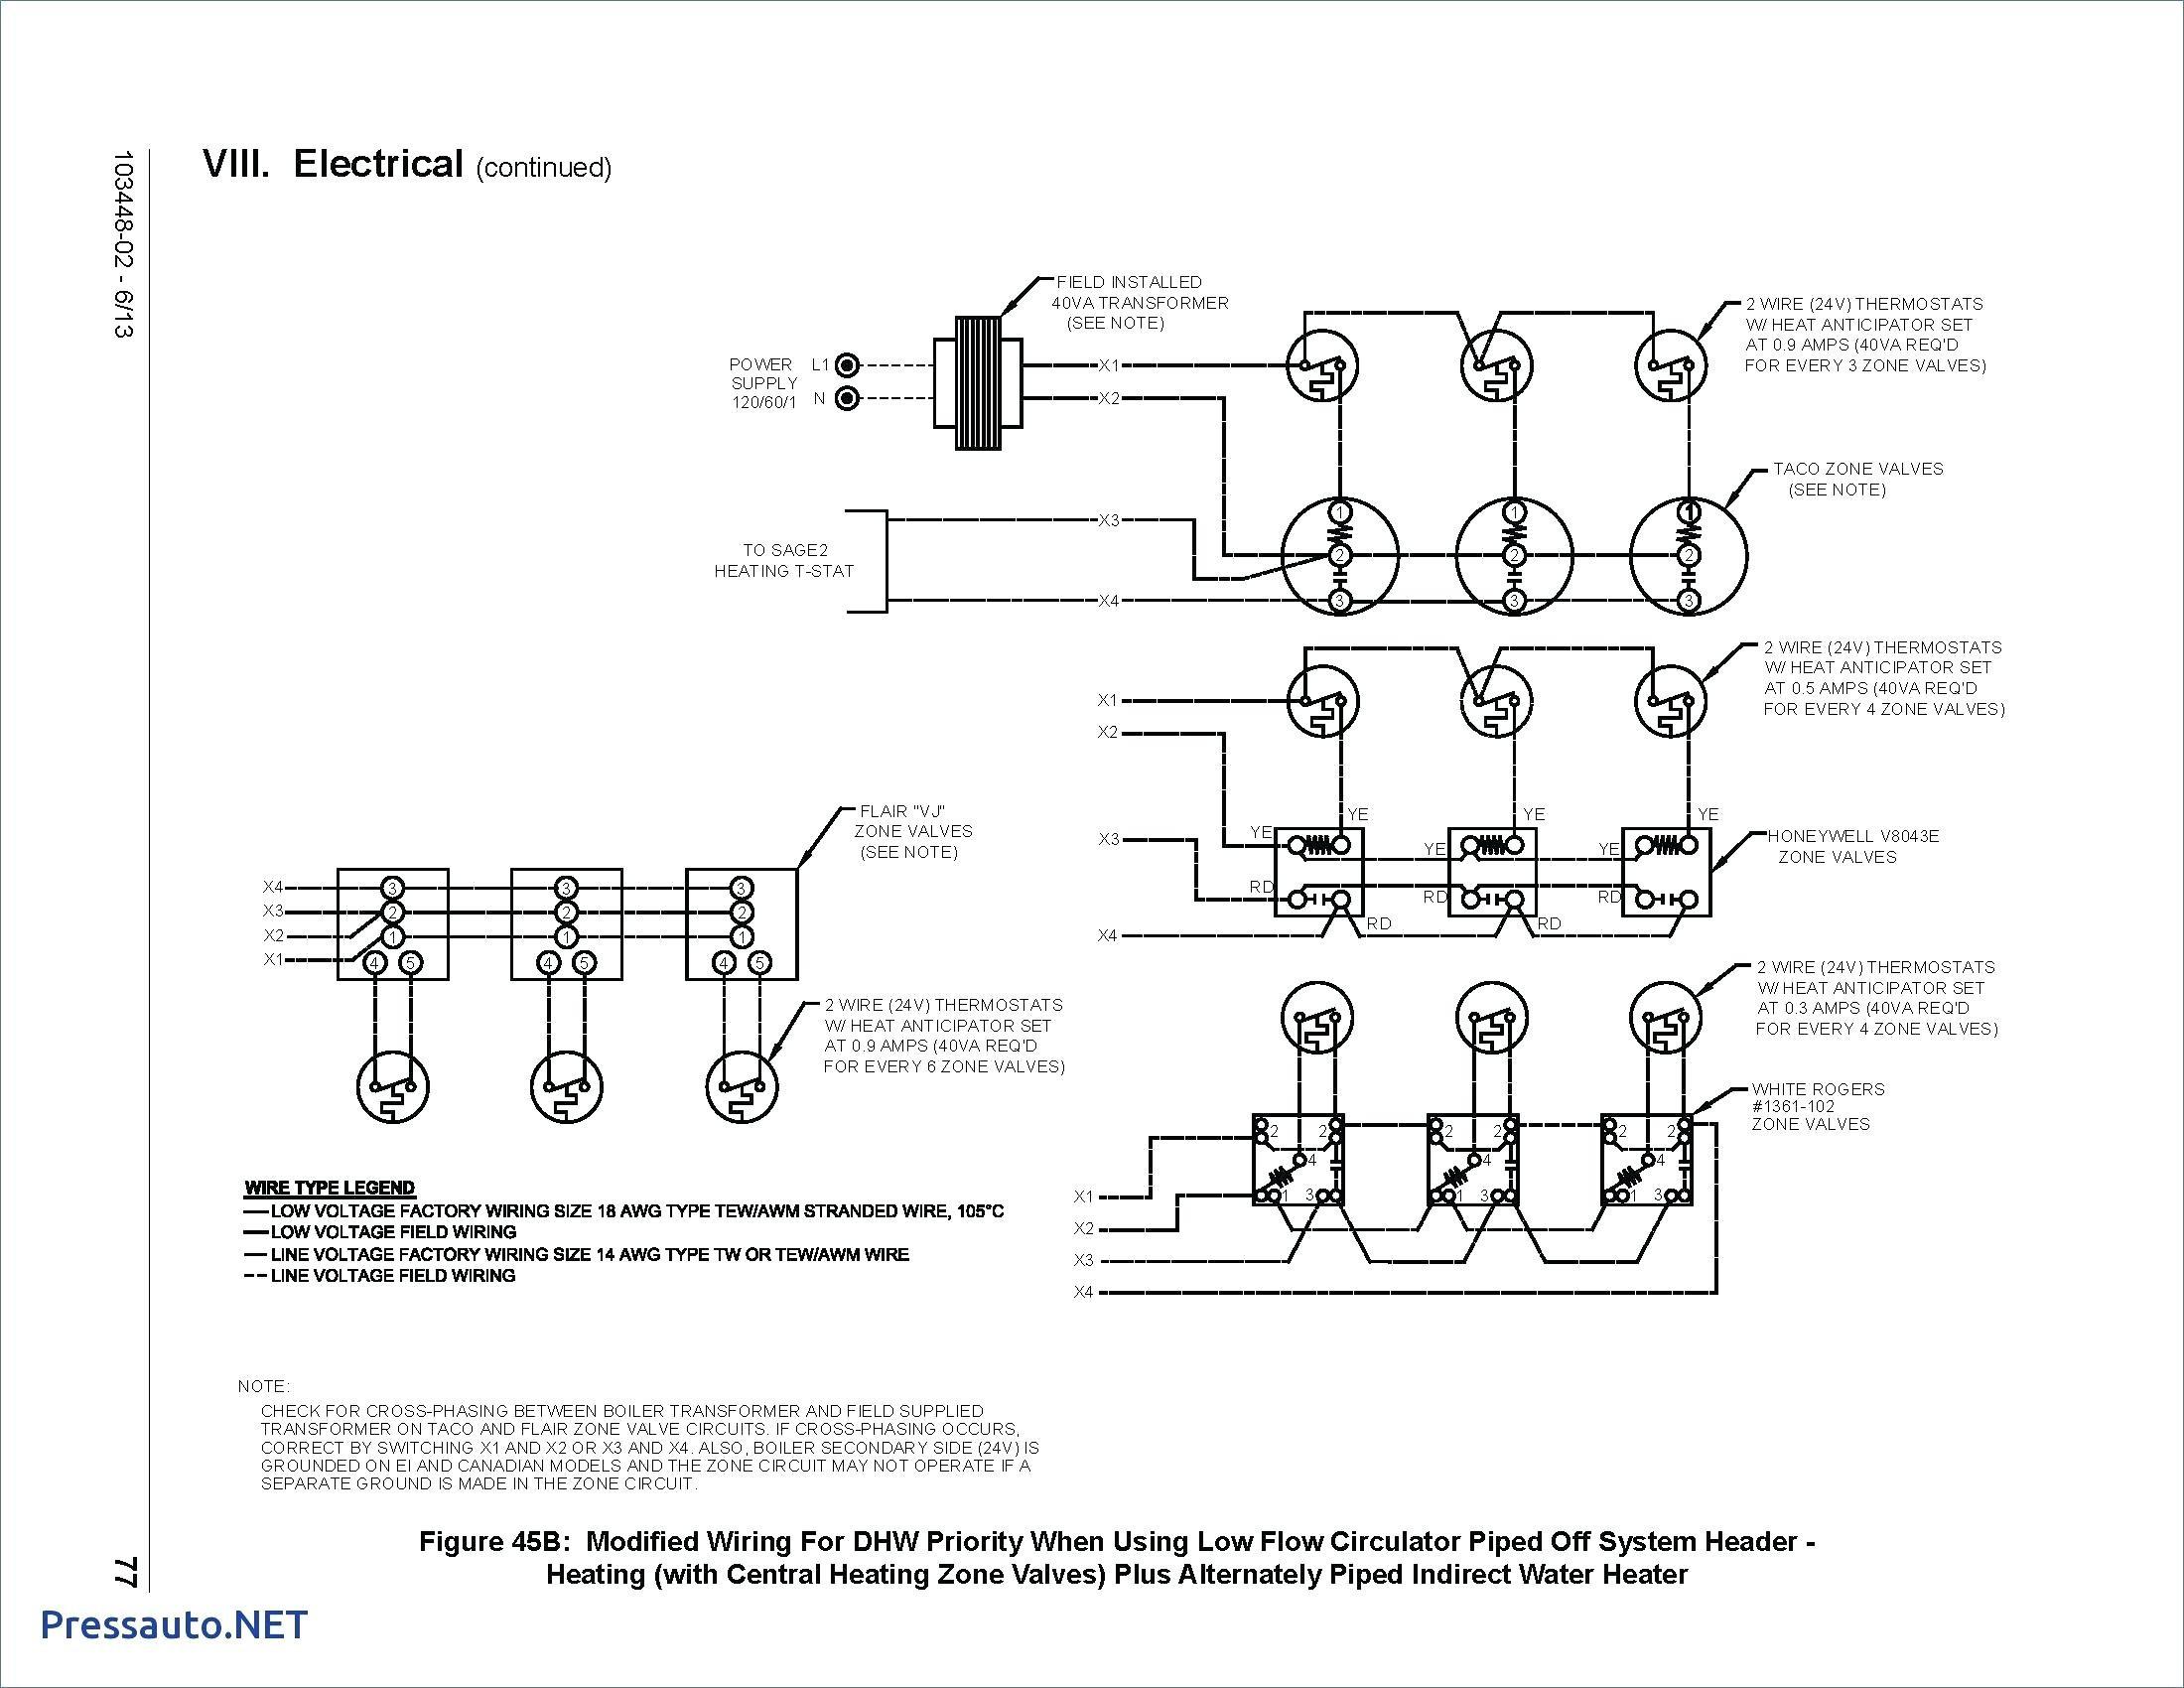 Taco Zone Valve Wiring Diagram Taco Zone Valve Wiring Diagram Valves at Coachedby Of Taco Zone Valve Wiring Diagram